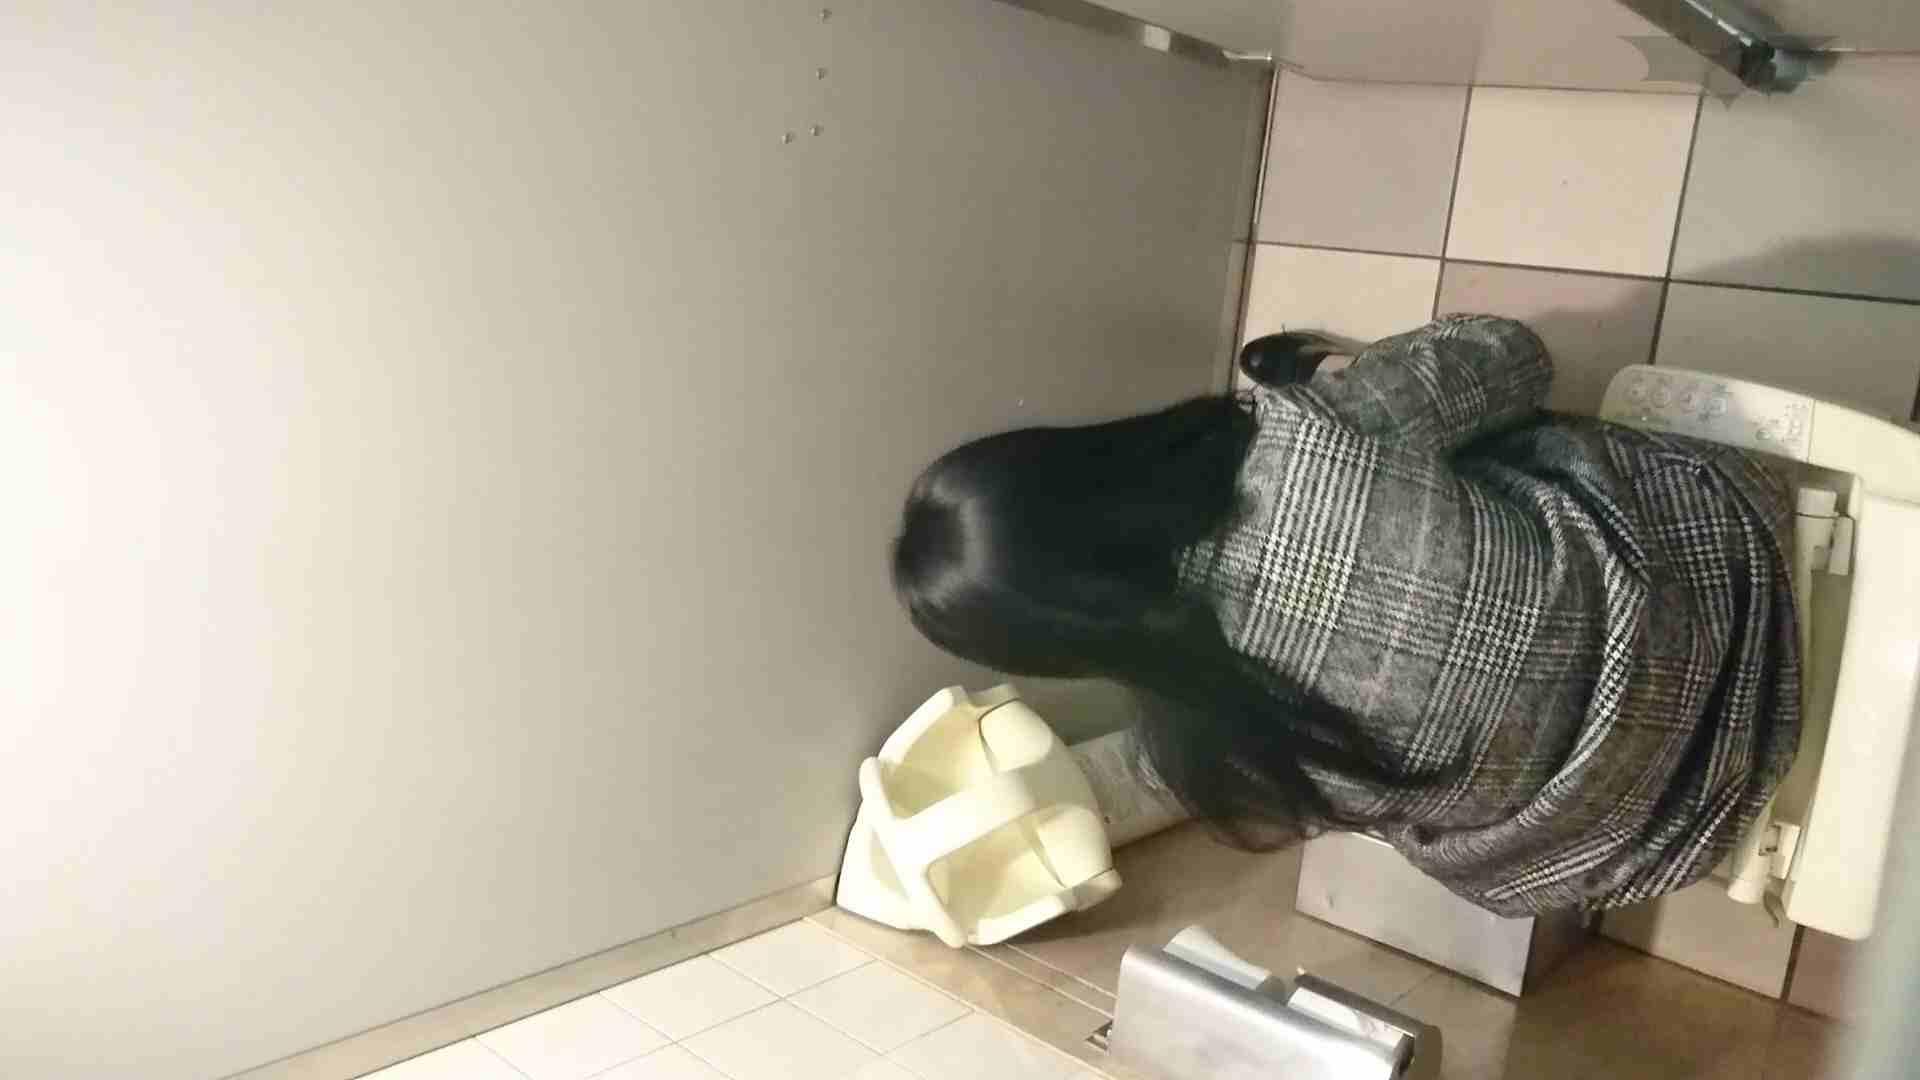 化粧室絵巻 ショッピングモール編 VOL.15 OL  111pic 7